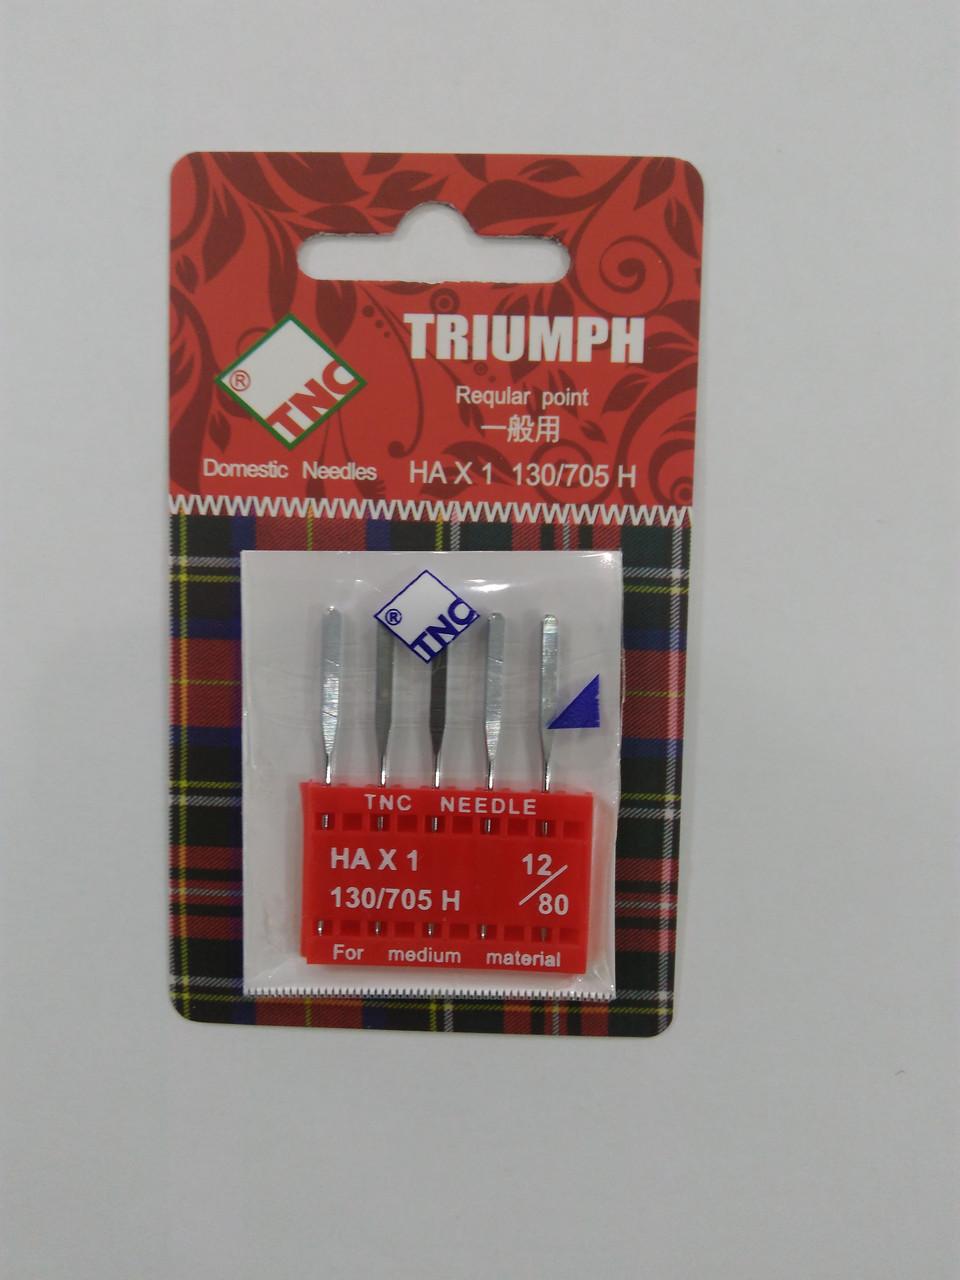 Иглы для бытовых швейных машин 130/705H универсальные №80 TRIUMPH  (уп.5шт)